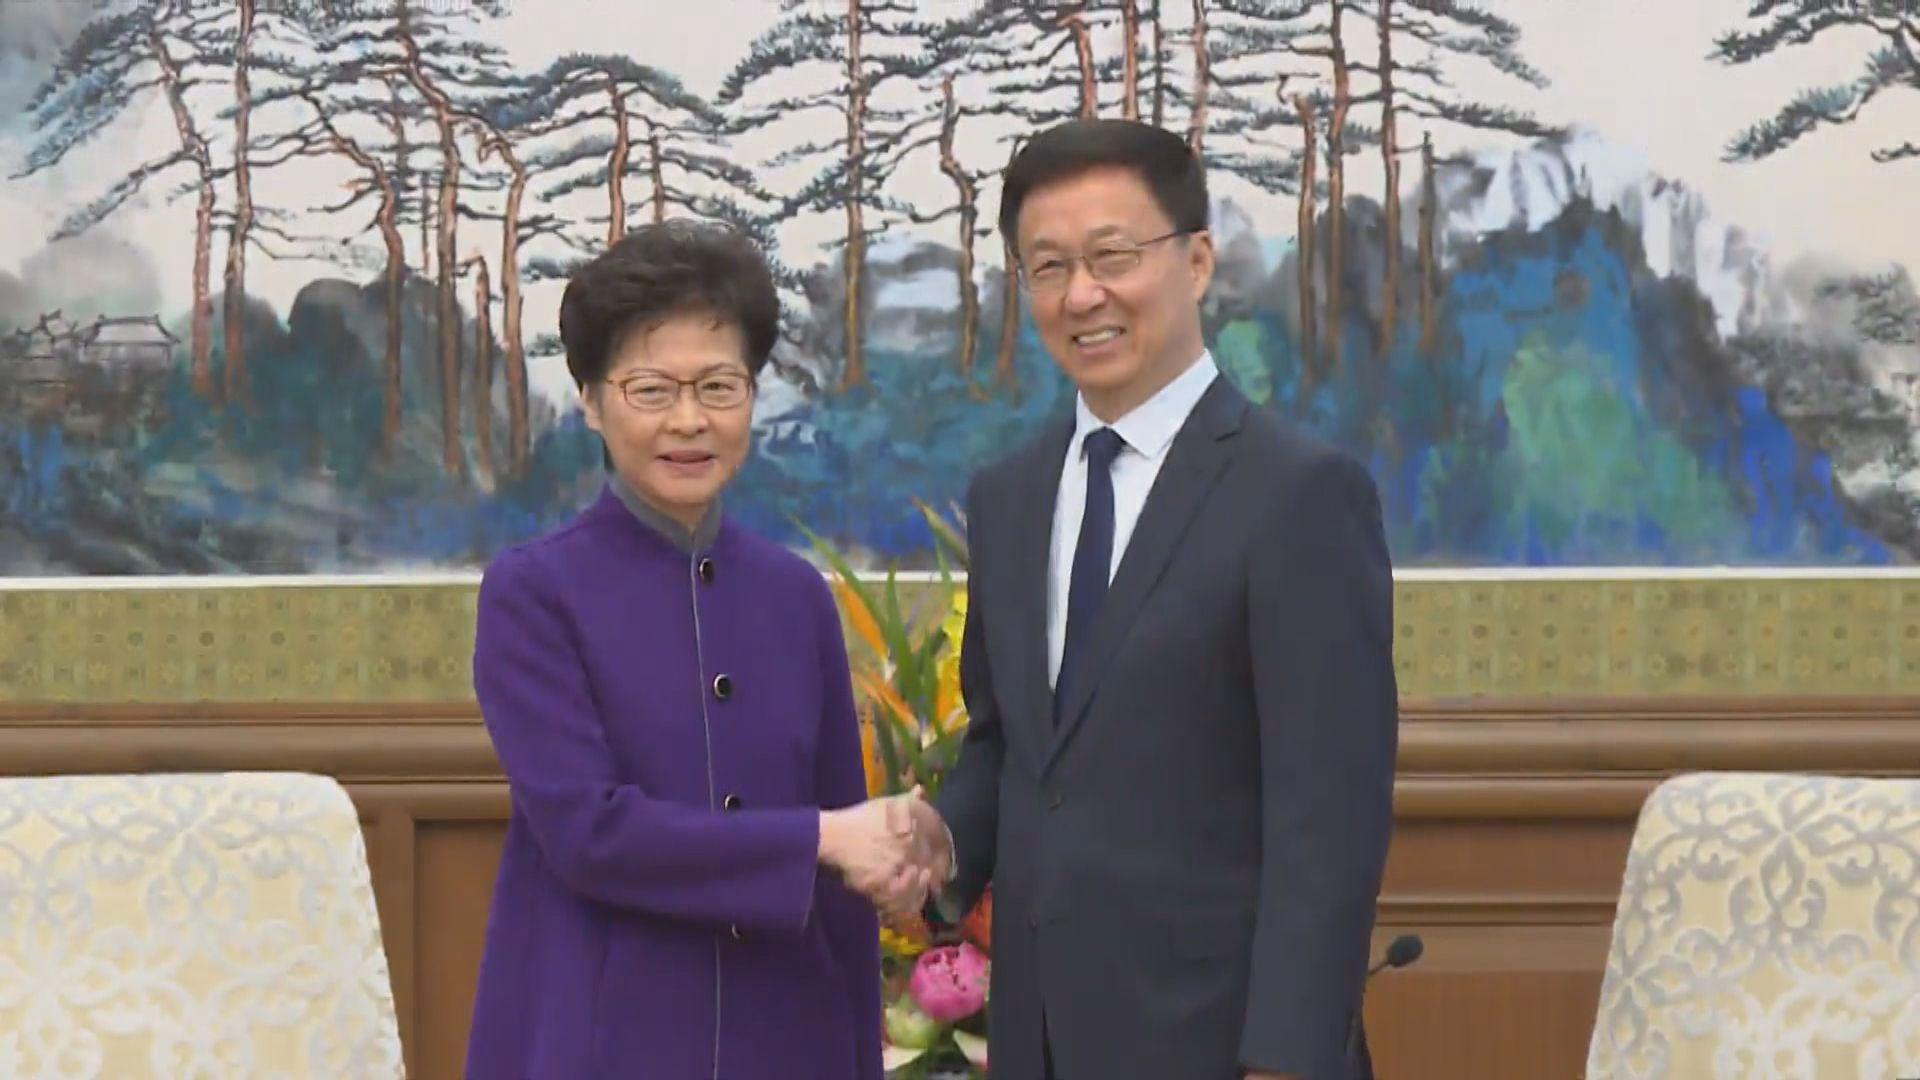 【足本】韓正會見林鄭 指香港社會當前最重要是止暴制亂